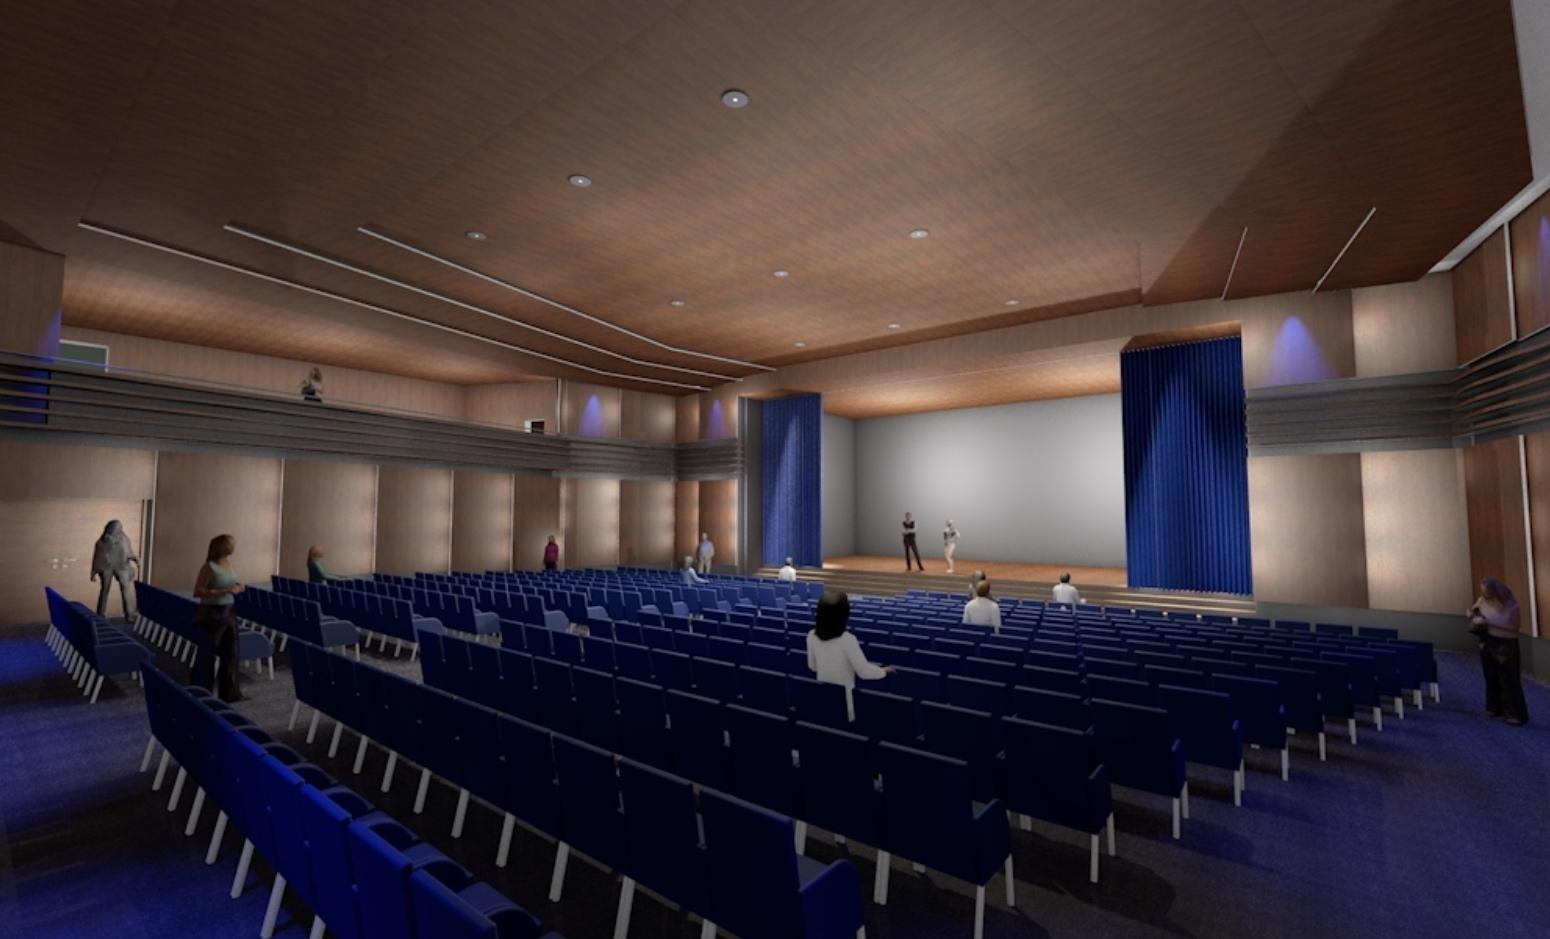 Beratung Planung hochwertige Medientechnik, hohe Sprachverständlichkeit, Beschallungsanlage, Theatersaal, Konzertsaal, Surround-Sound, Live-Konzerte, Profi für Beschallung, gute Beschallung vom Fachmann, professionelle Beschallungstechnik